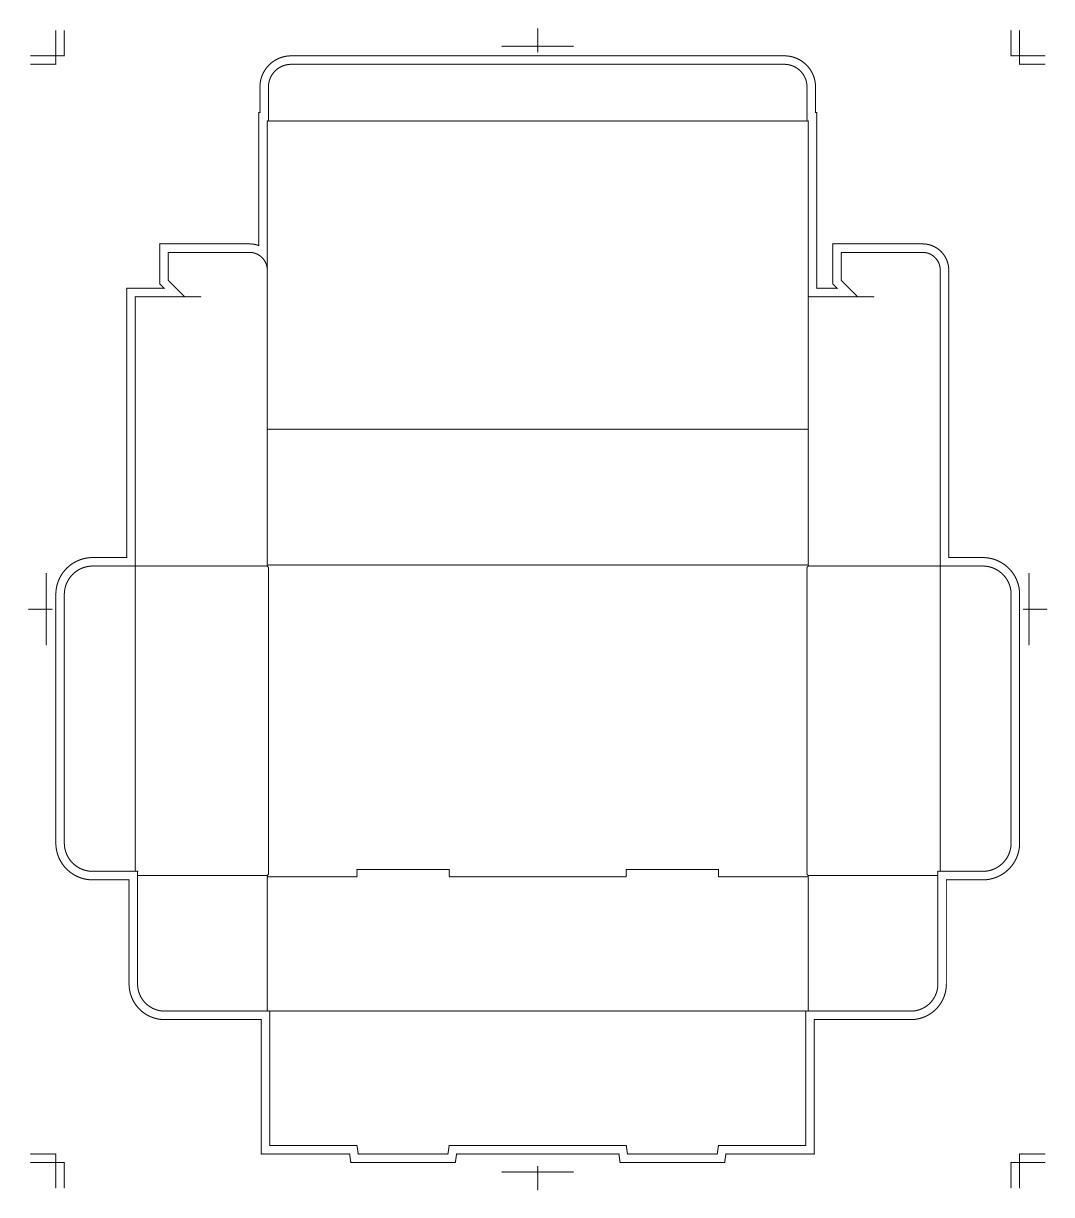 箱デザイン用の展開図aiデータ作成致します パッケージ設計のプロが展開図を作成します! イメージ1